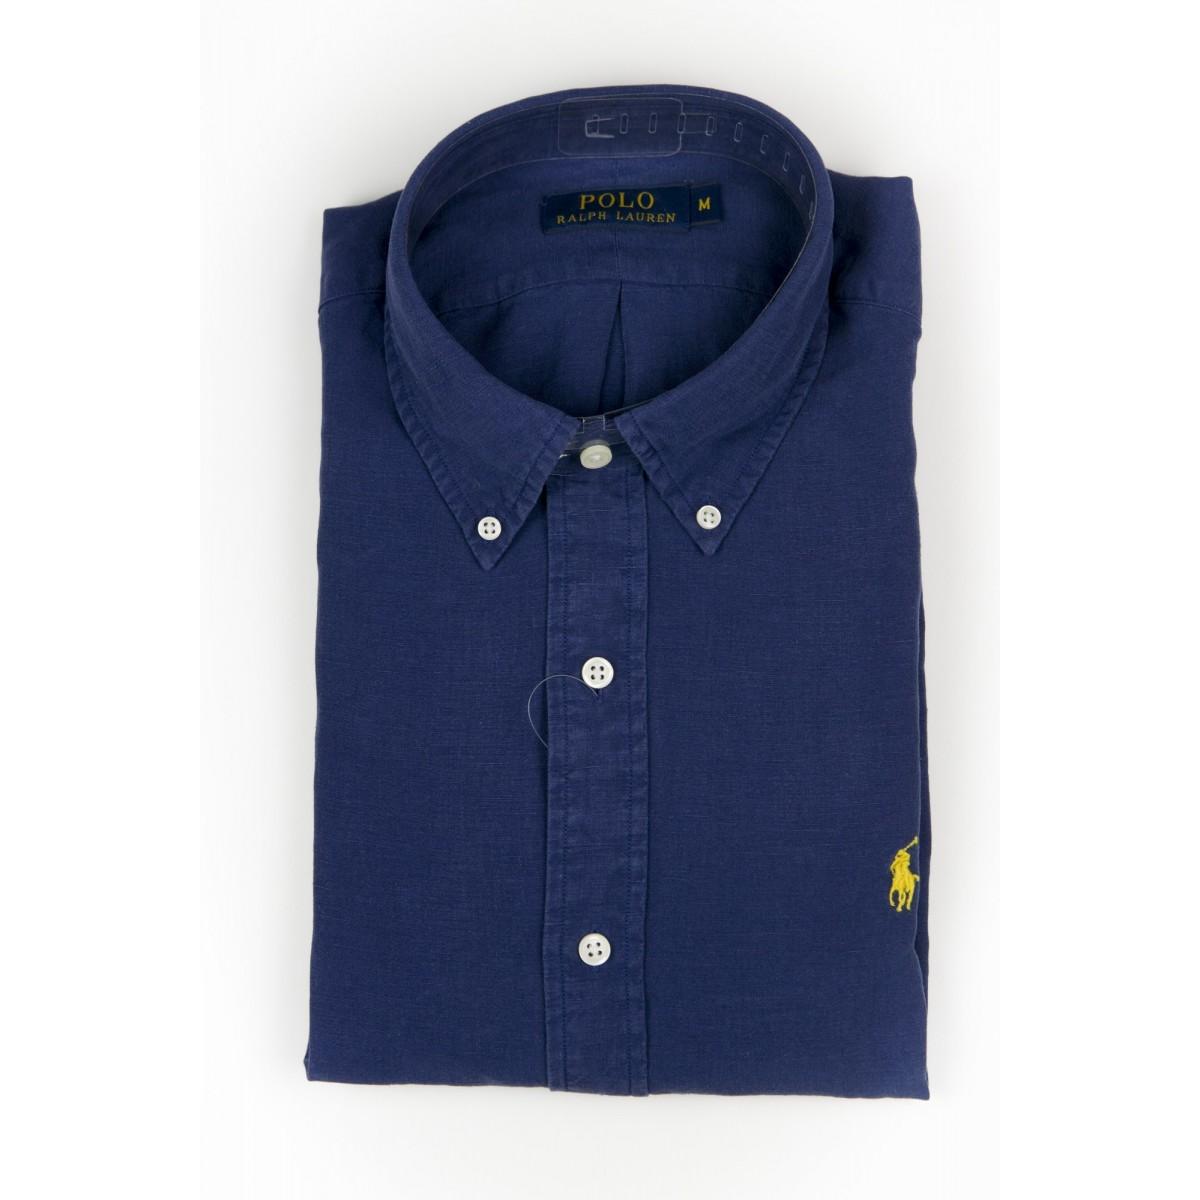 Camicia uomo Ralph lauren - A04wbdplltime A4308 - blu